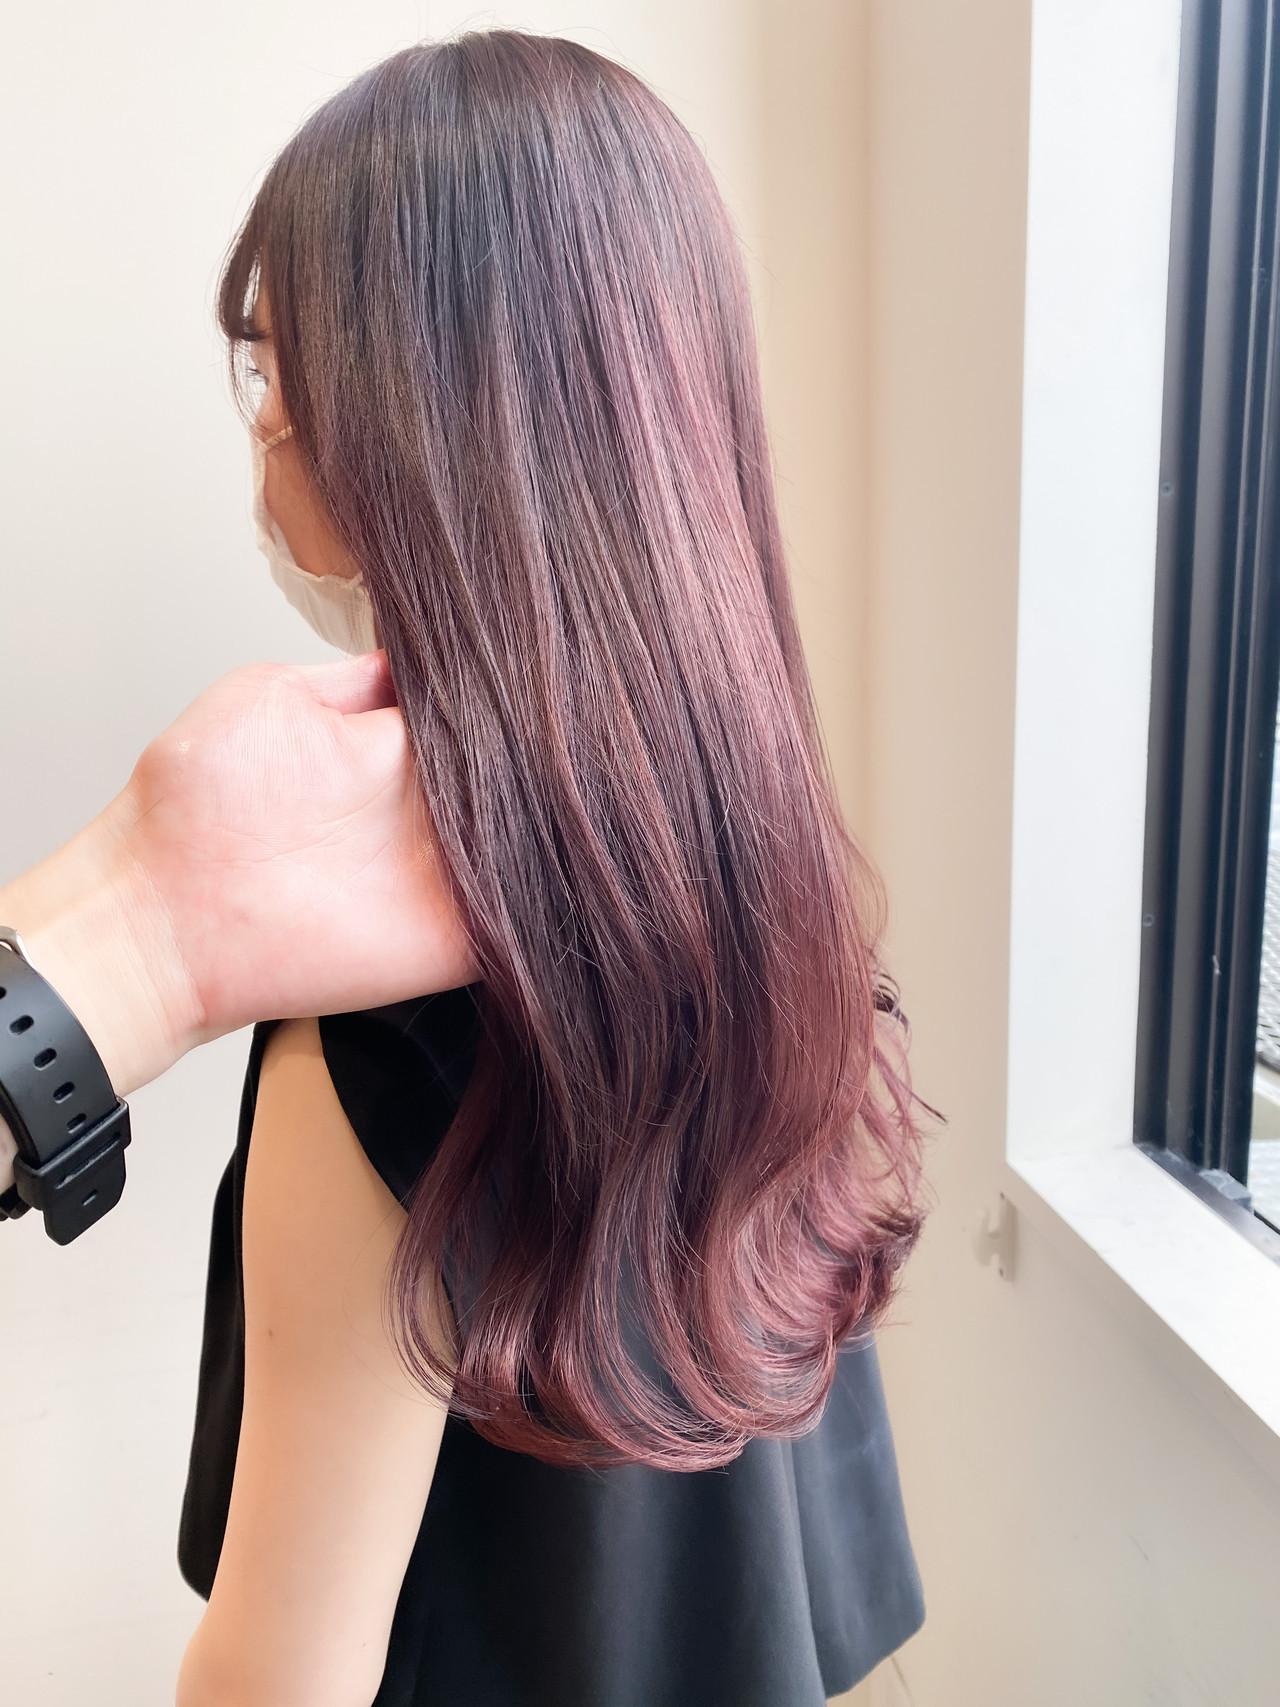 ピンクアッシュ ナチュラル セミロング ブリーチなし ヘアスタイルや髪型の写真・画像